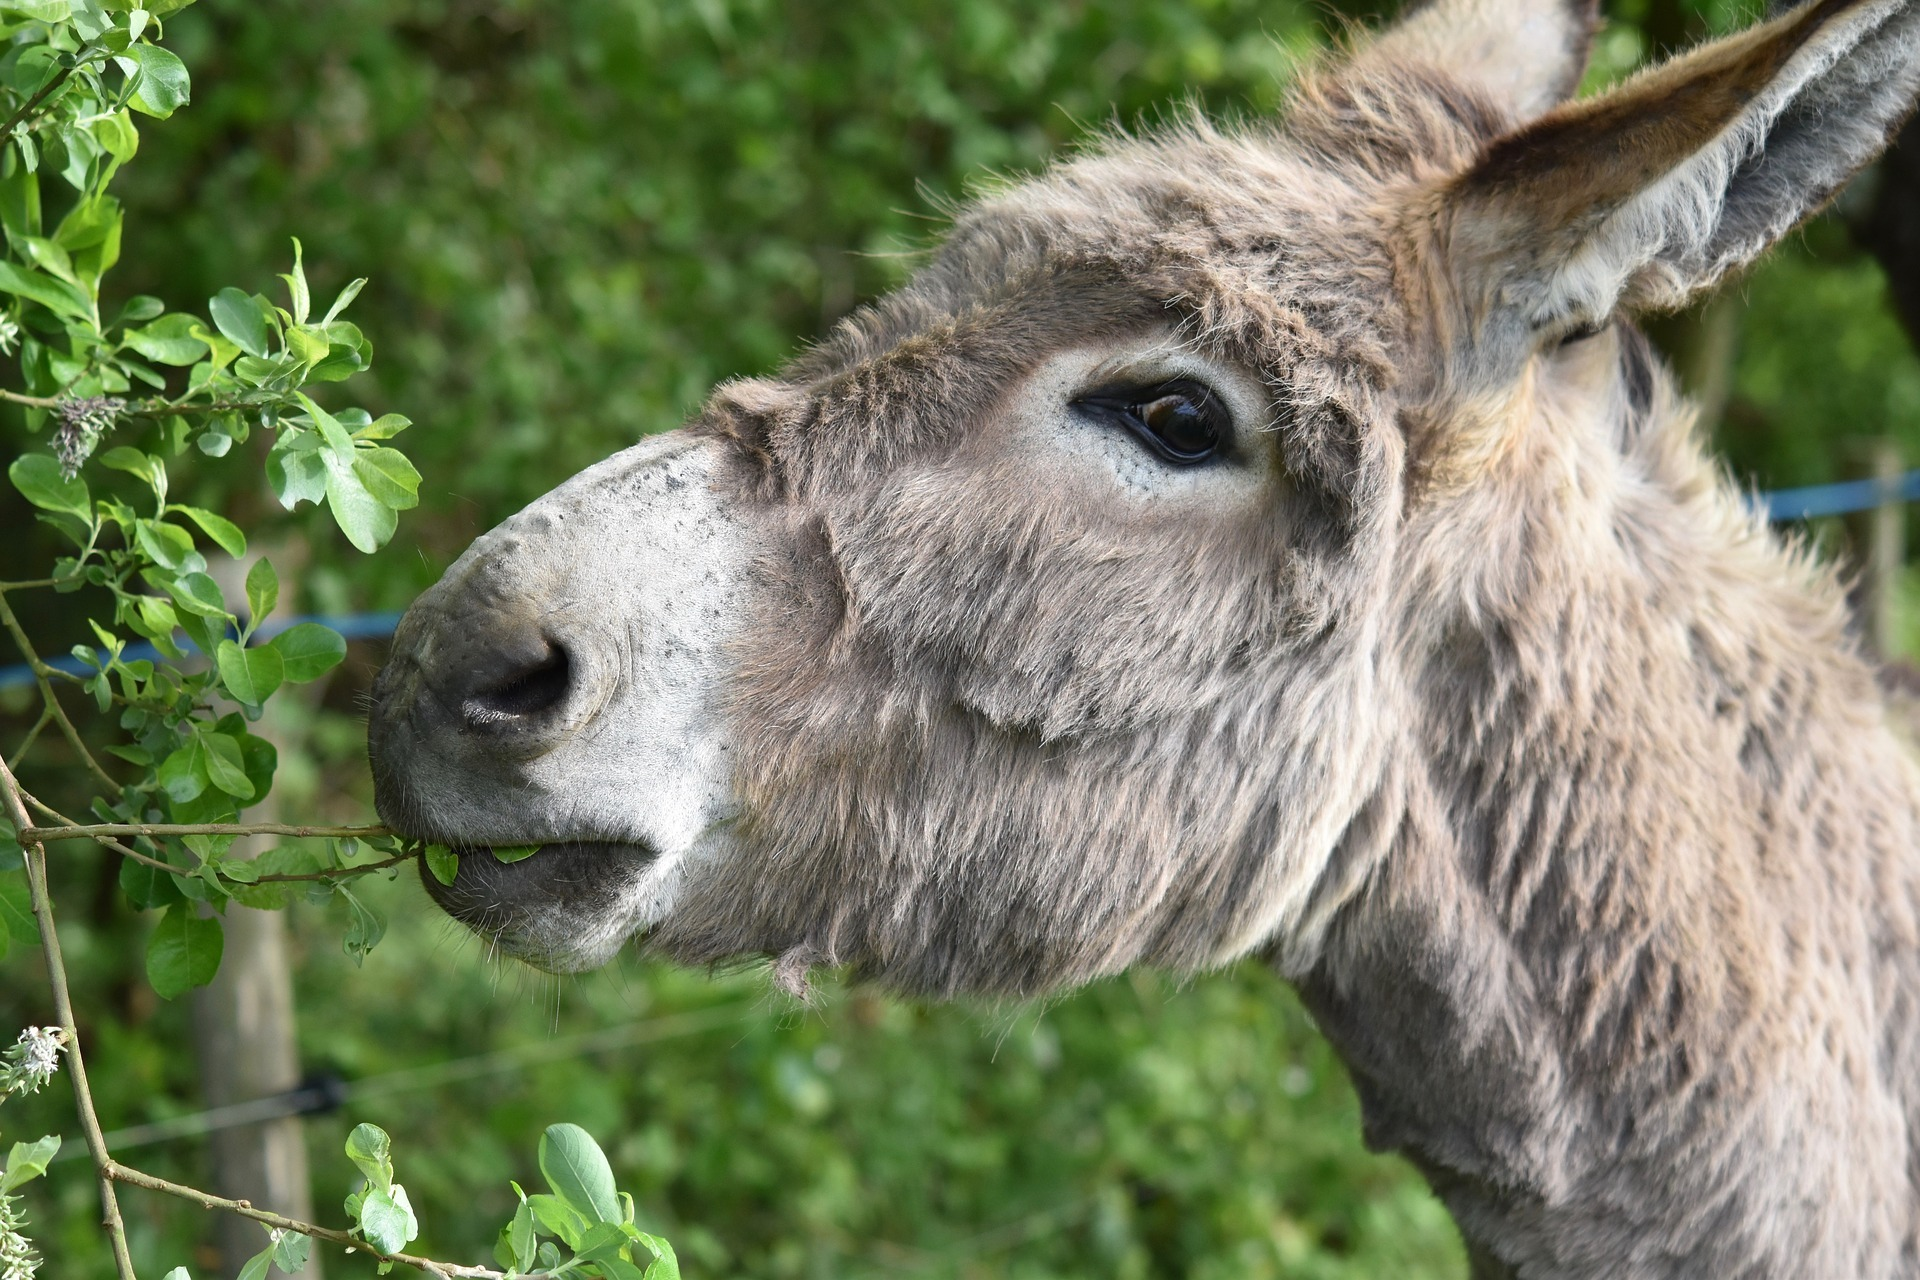 Kopf eines Esels